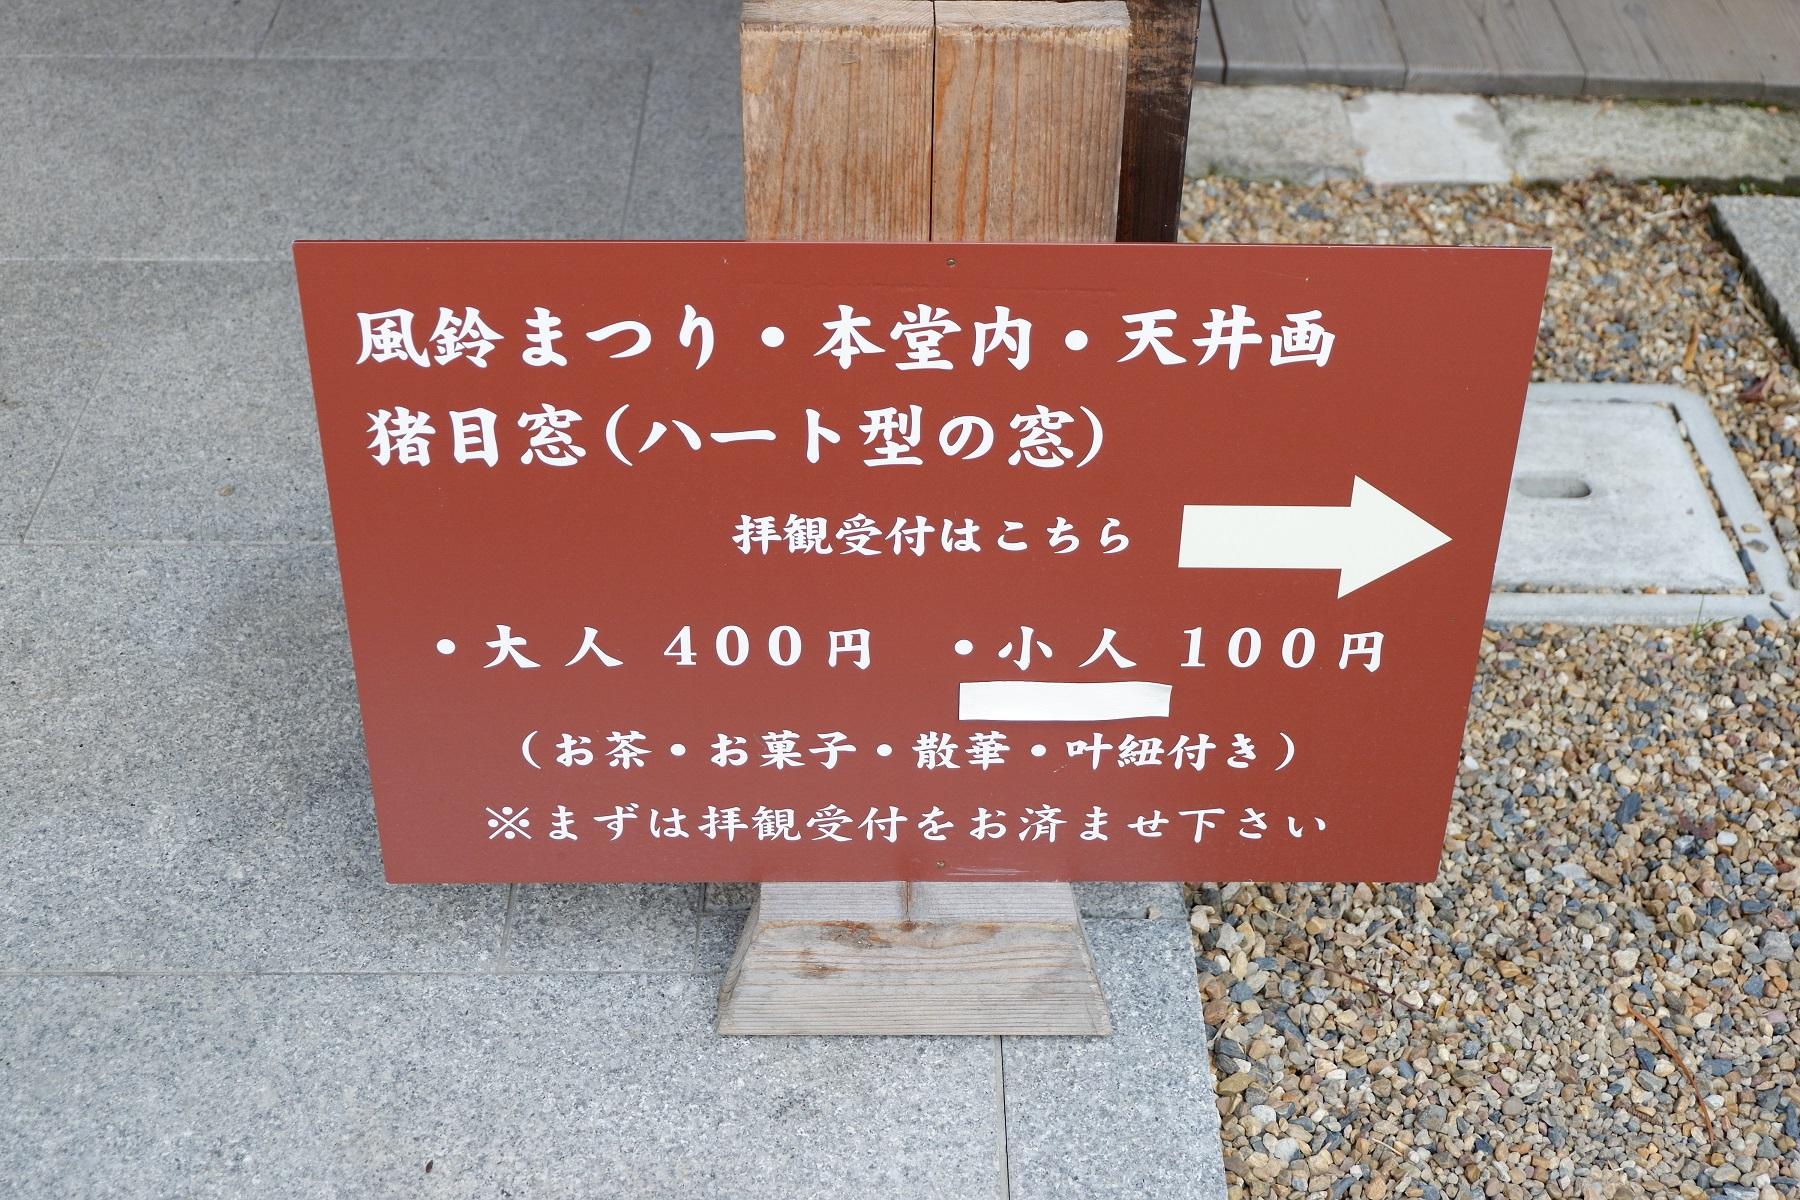 拝観料は400円と安い!!